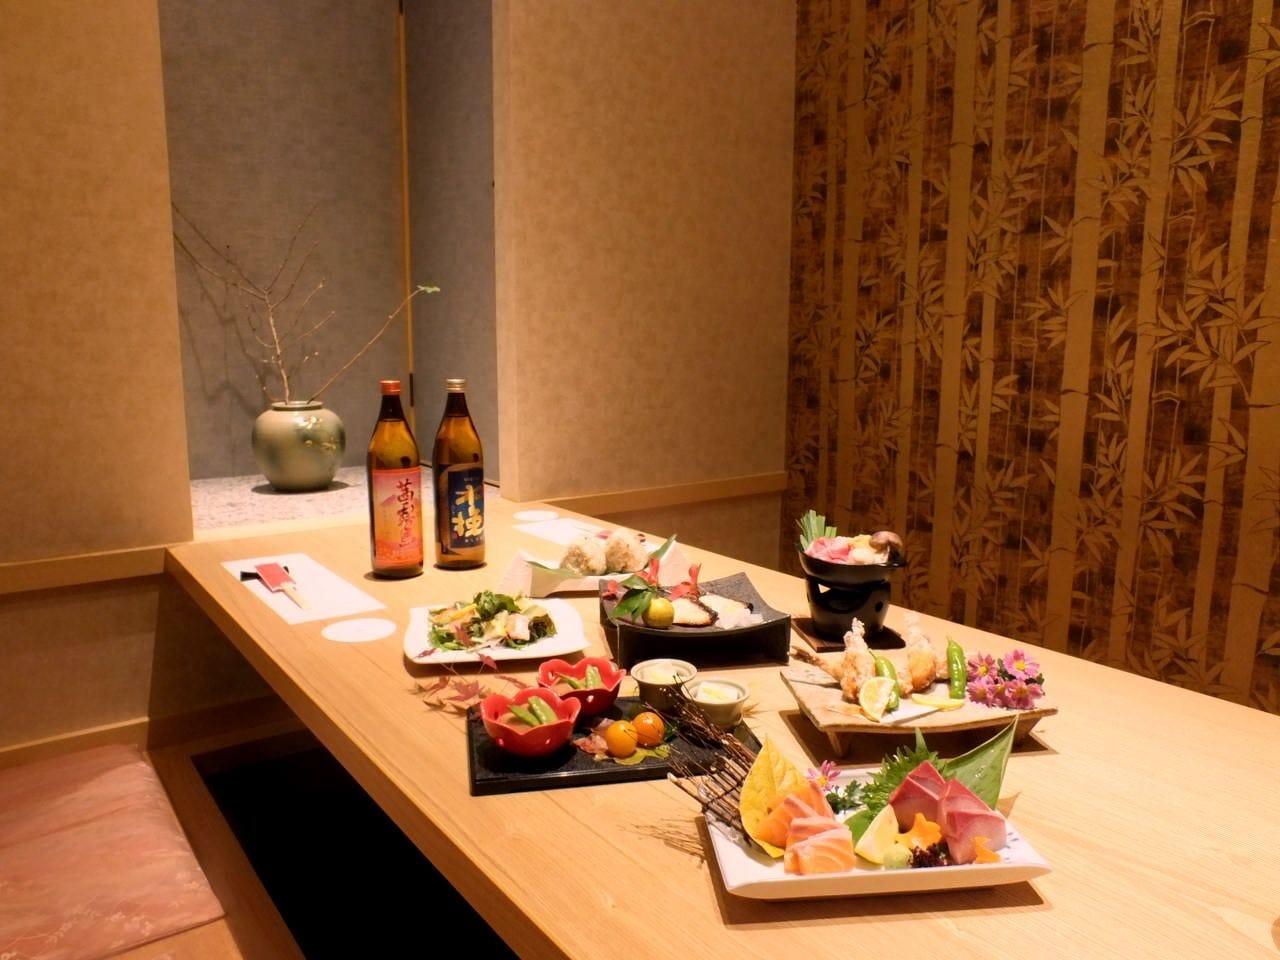 結いは宮崎を、飲食店というカテゴリーから盛り上げていきます!